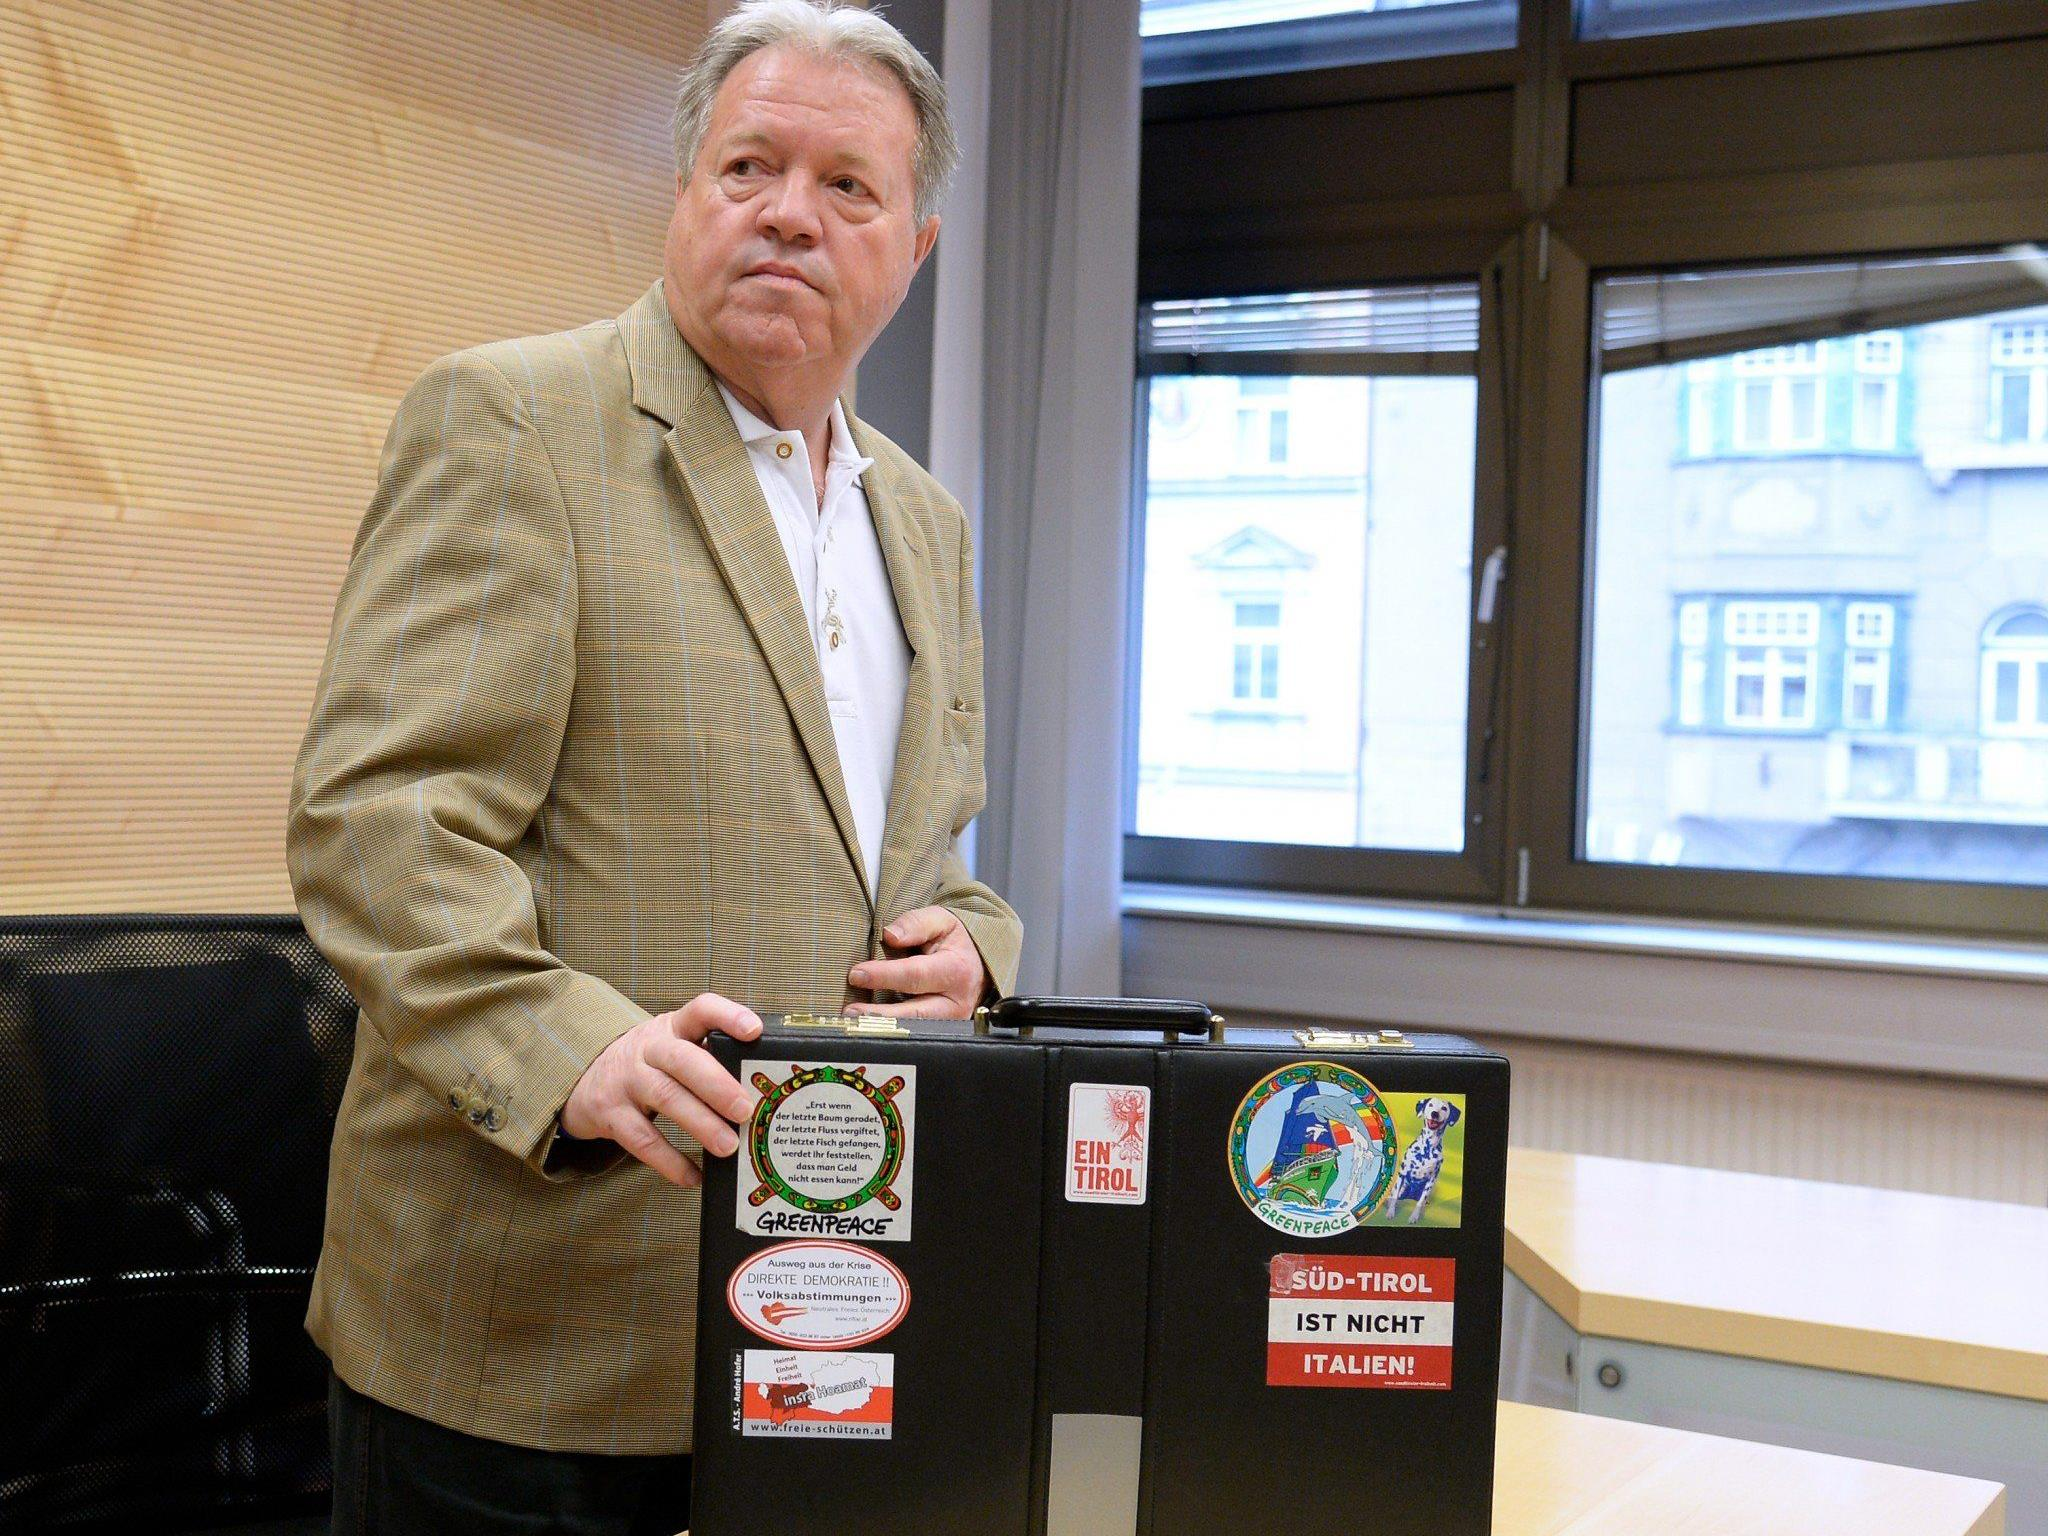 Wegen Verhetzung musste sich am Freitag am Landesgericht Innsbruck der frühere FPÖ-Abgeordnete Werner Königshofer verantworten.